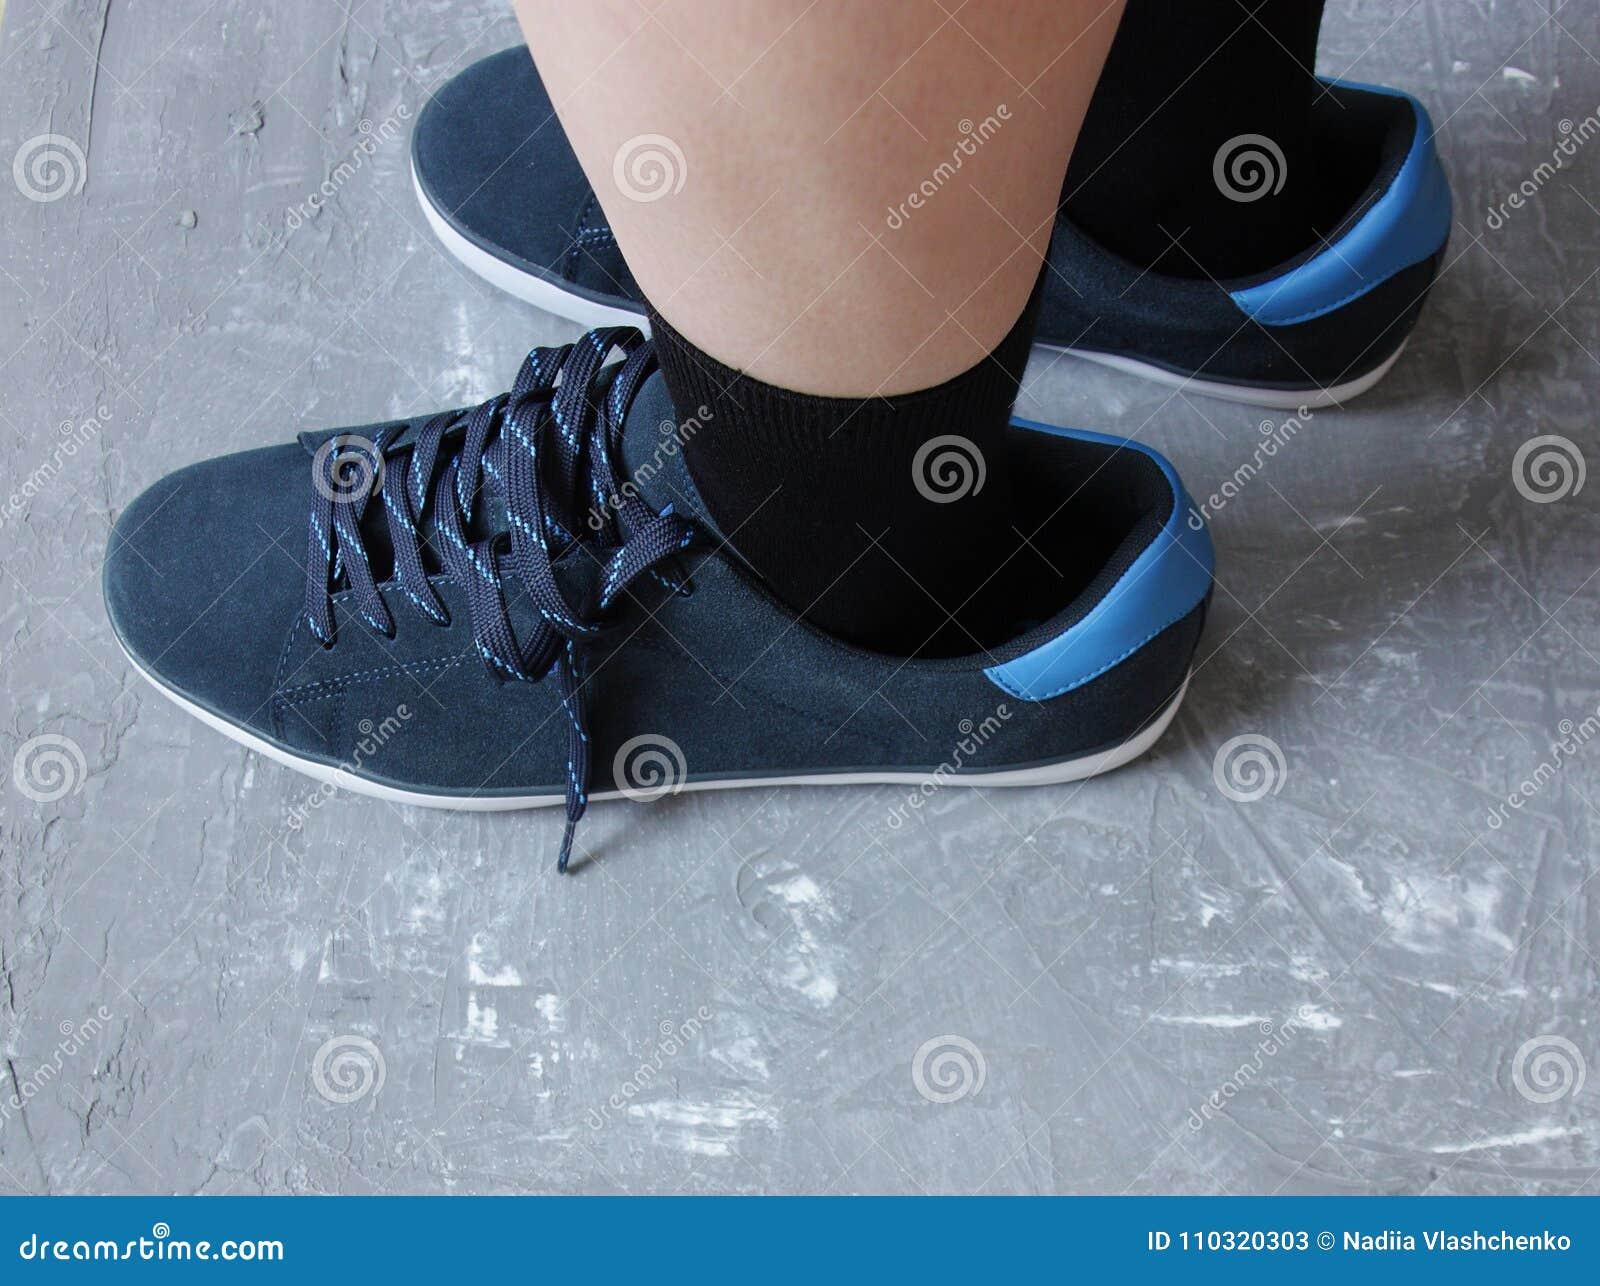 Stora skor fotografering för bildbyråer. Bild av mänskligt